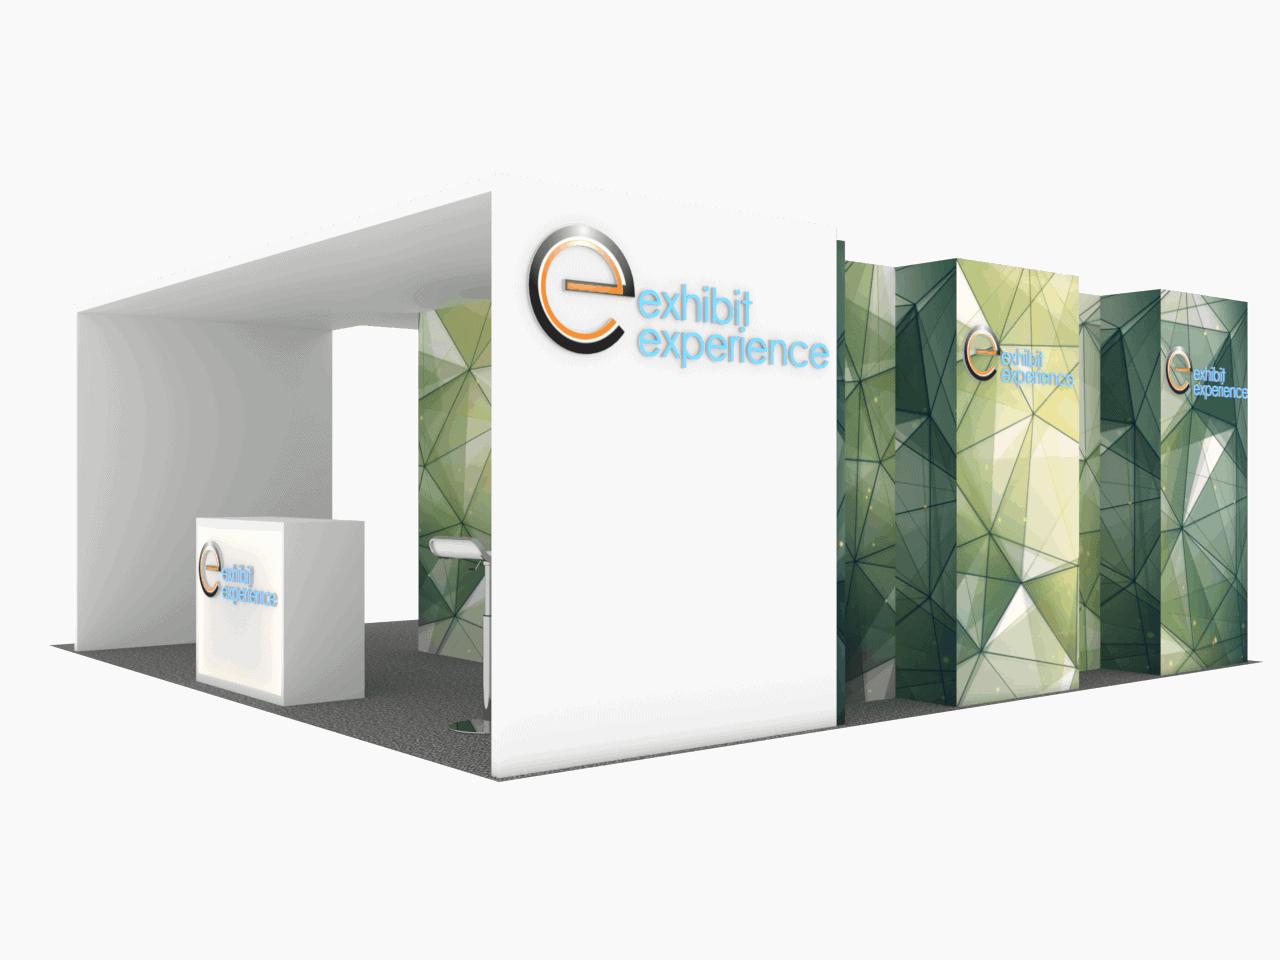 EE 20x20 Trade Show Exhibit Rental 2018 3